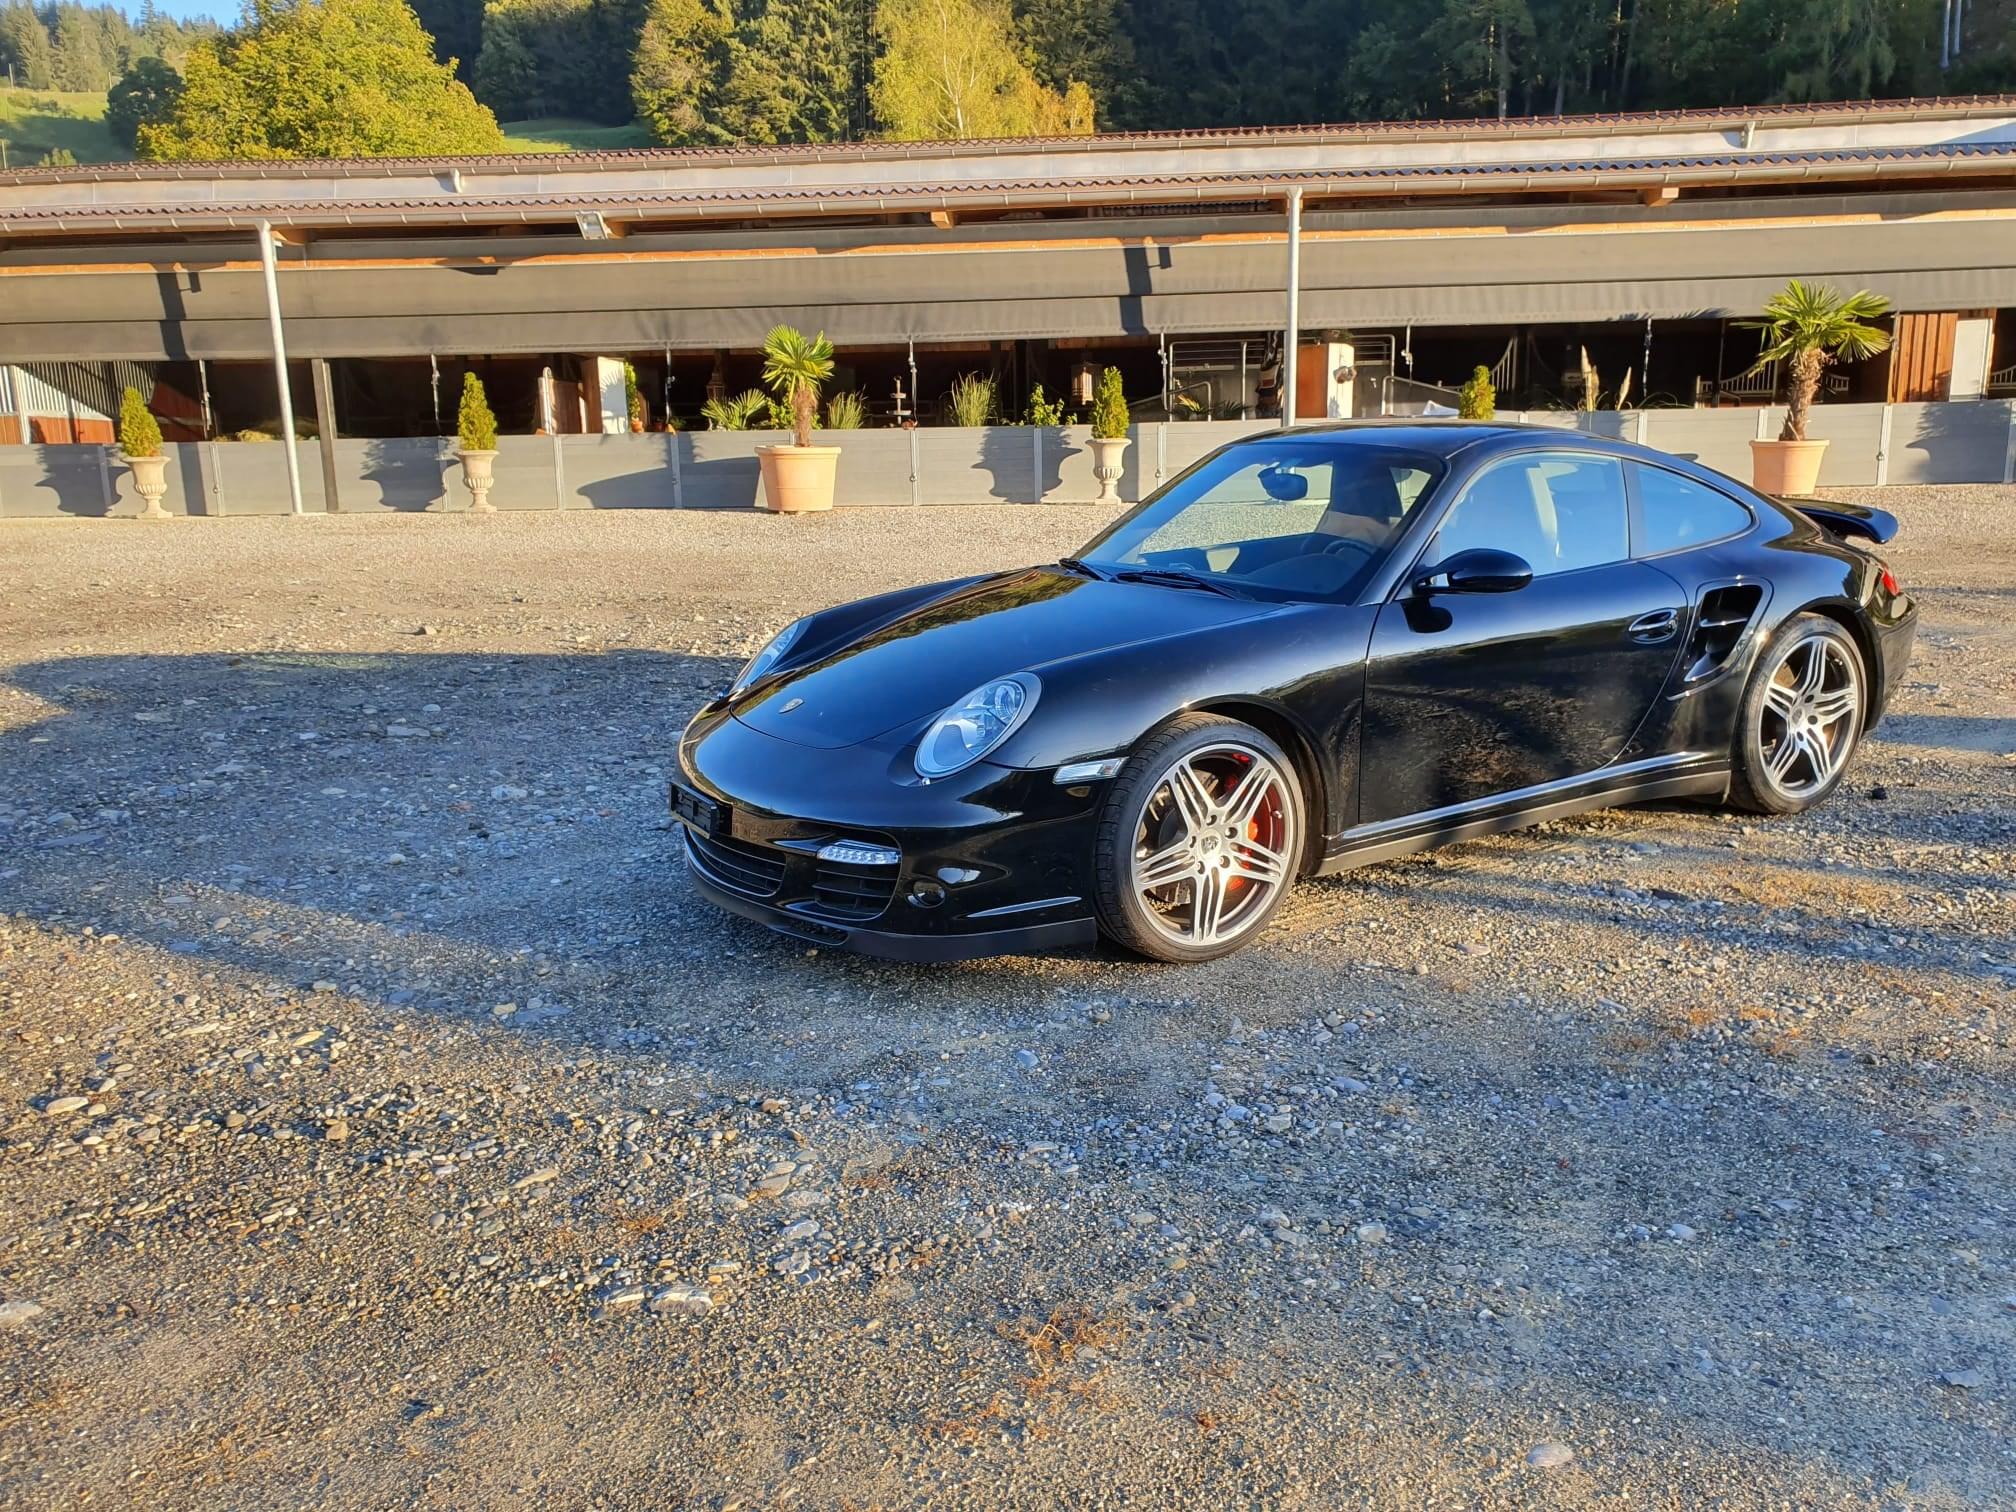 Porsche 911 Coupé 3.6 Turbo